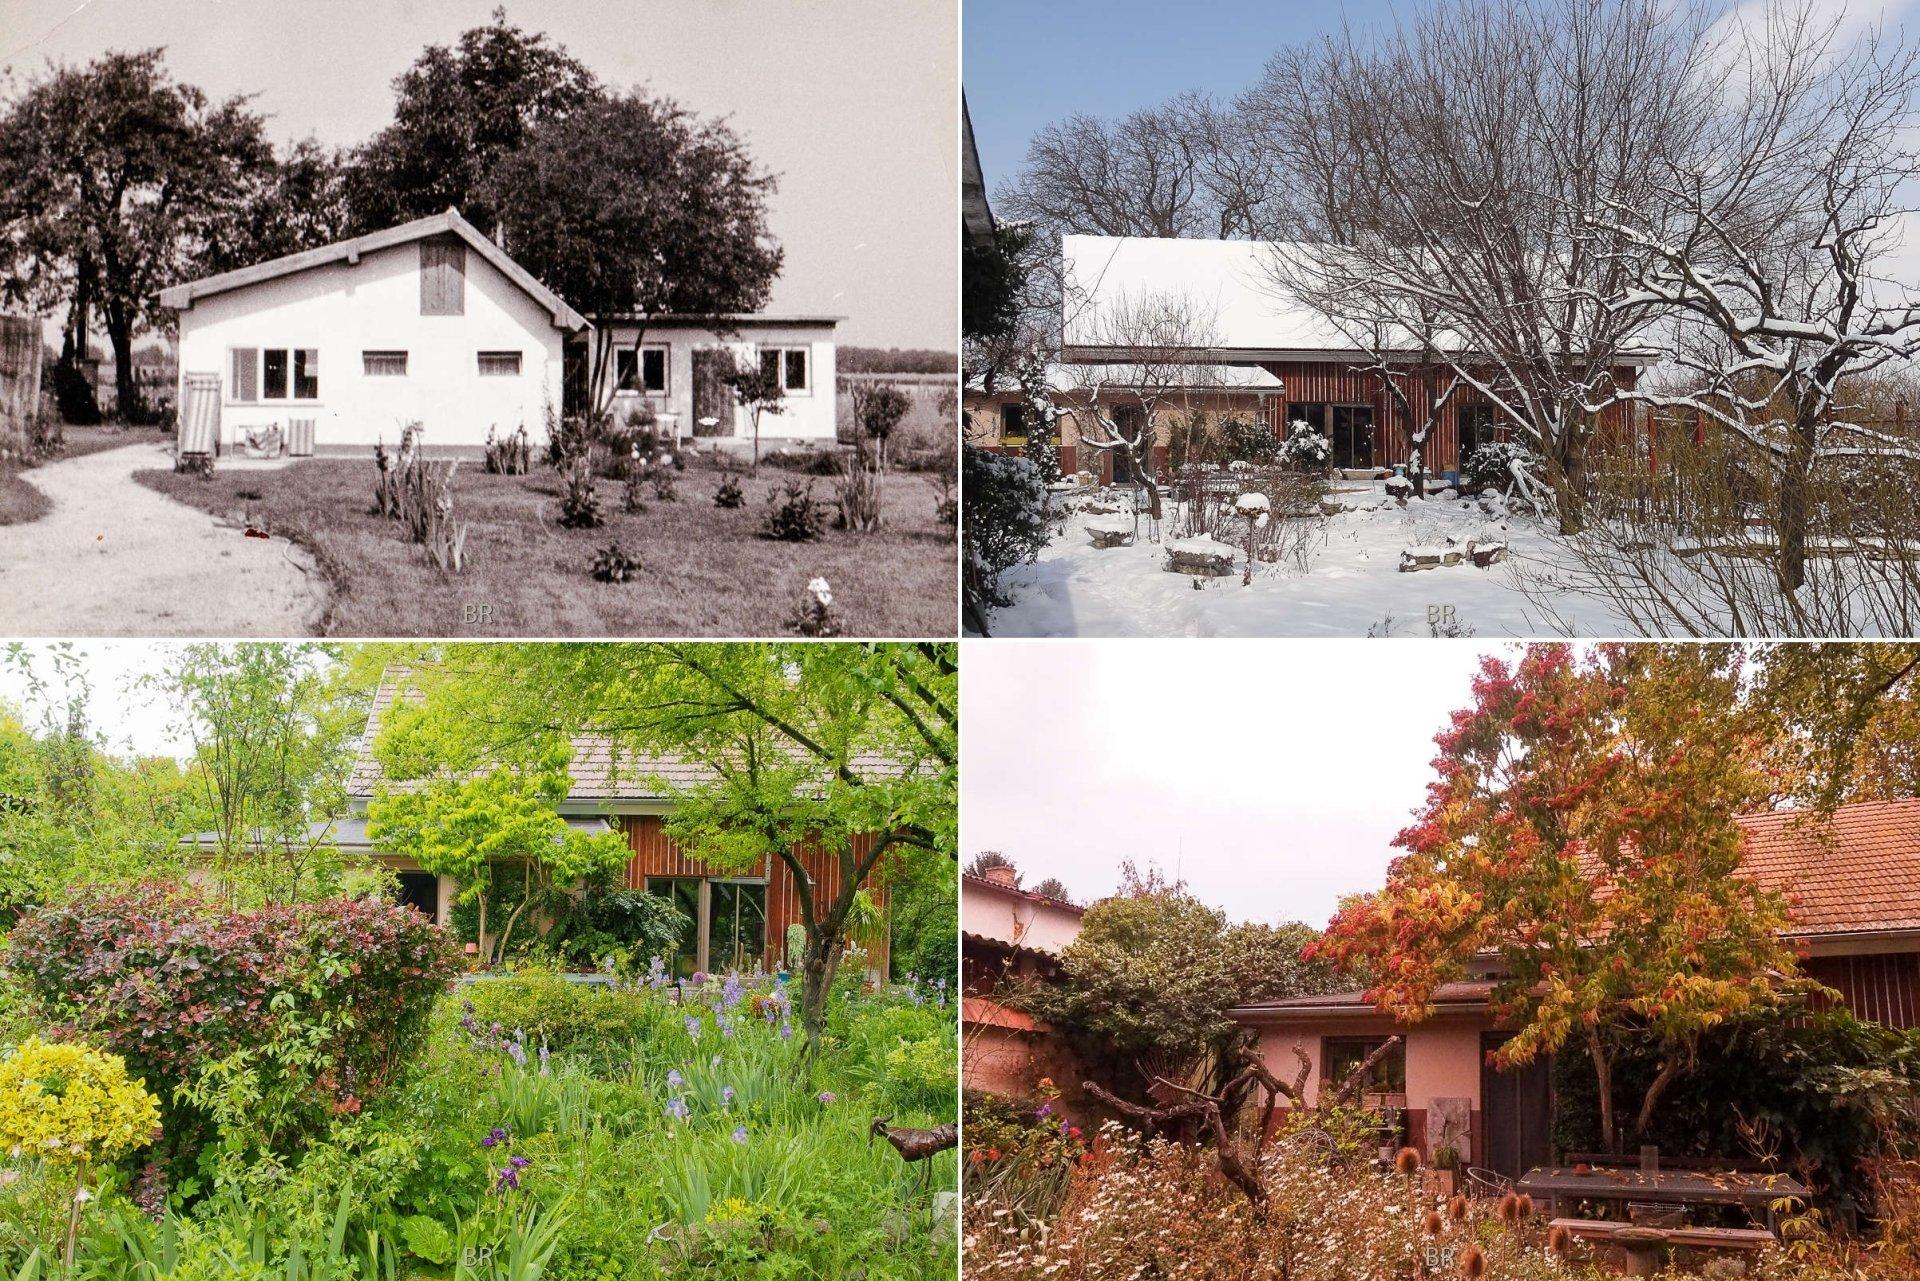 4 Ansichten - das alte Haus und das neue